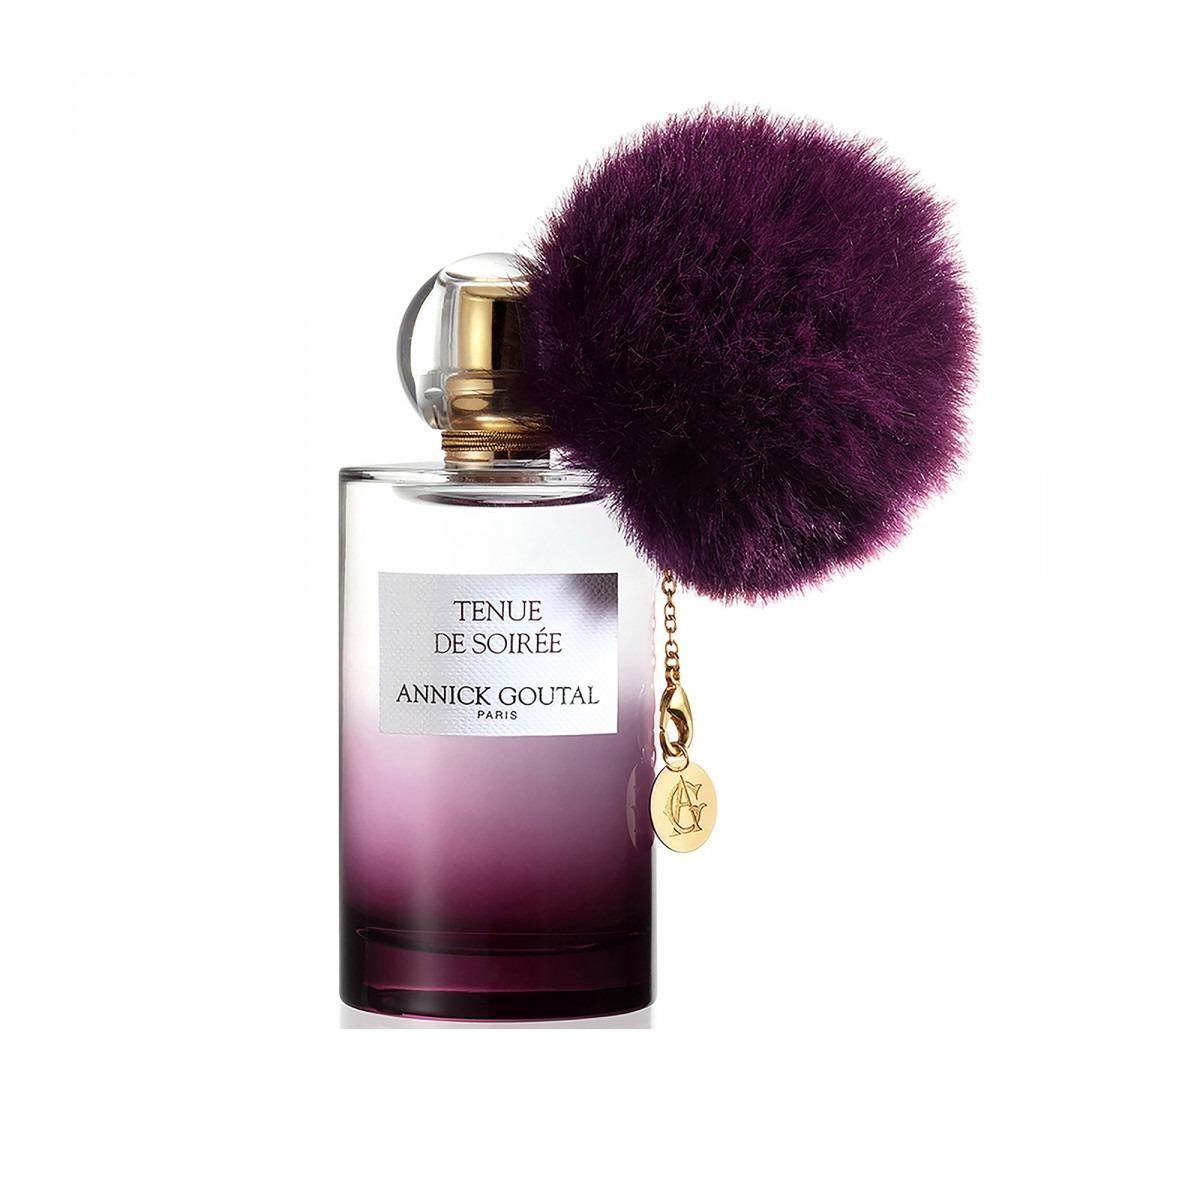 Annick Goutal Tenue De Soiree 100ml Eau De Parfum